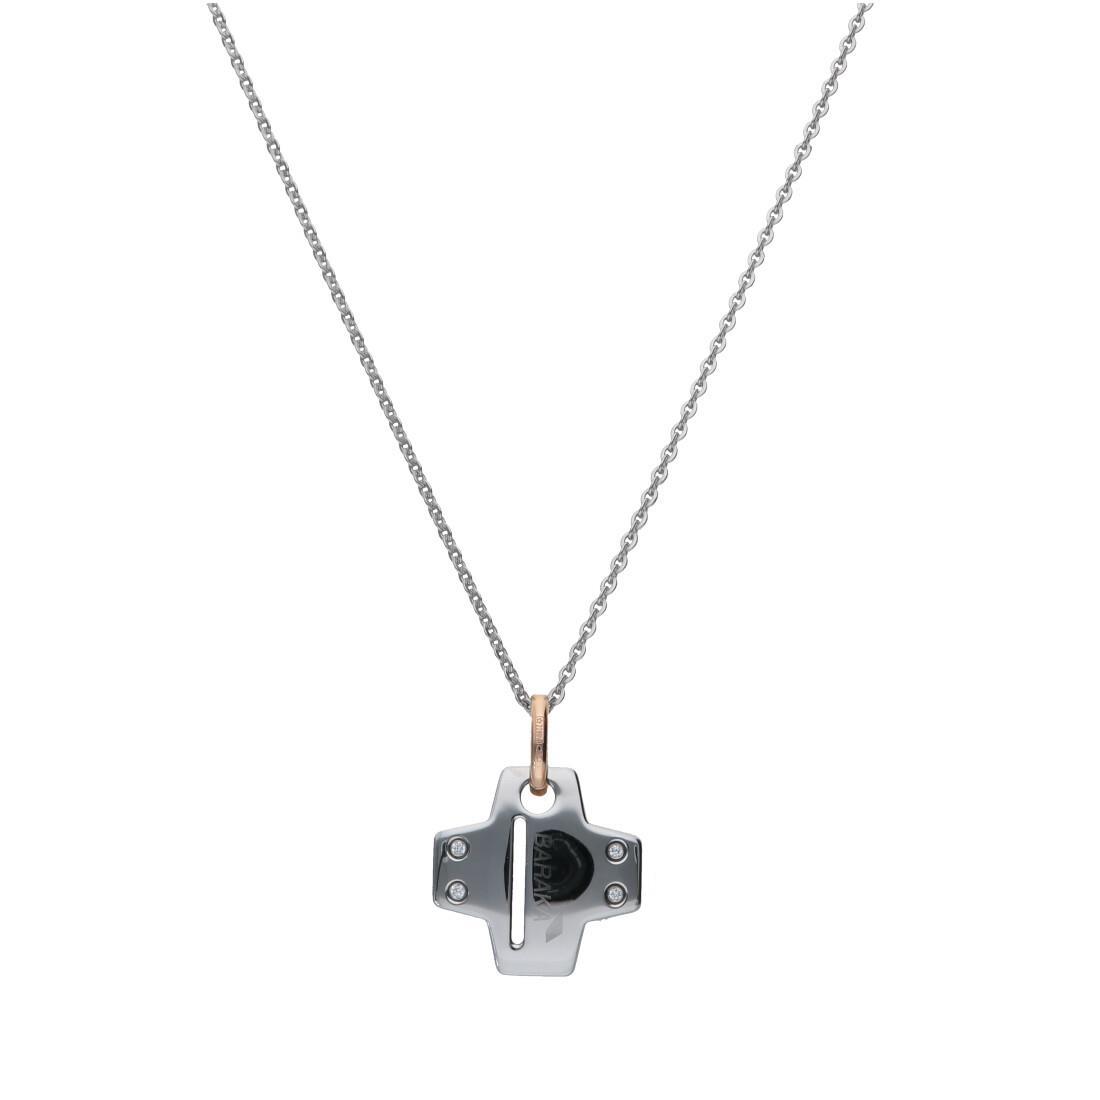 Collana da uomo in oro e acciaio con diamanti bianchi ct 0.08, lunghezza 24cm+ 2cm - BARAKA